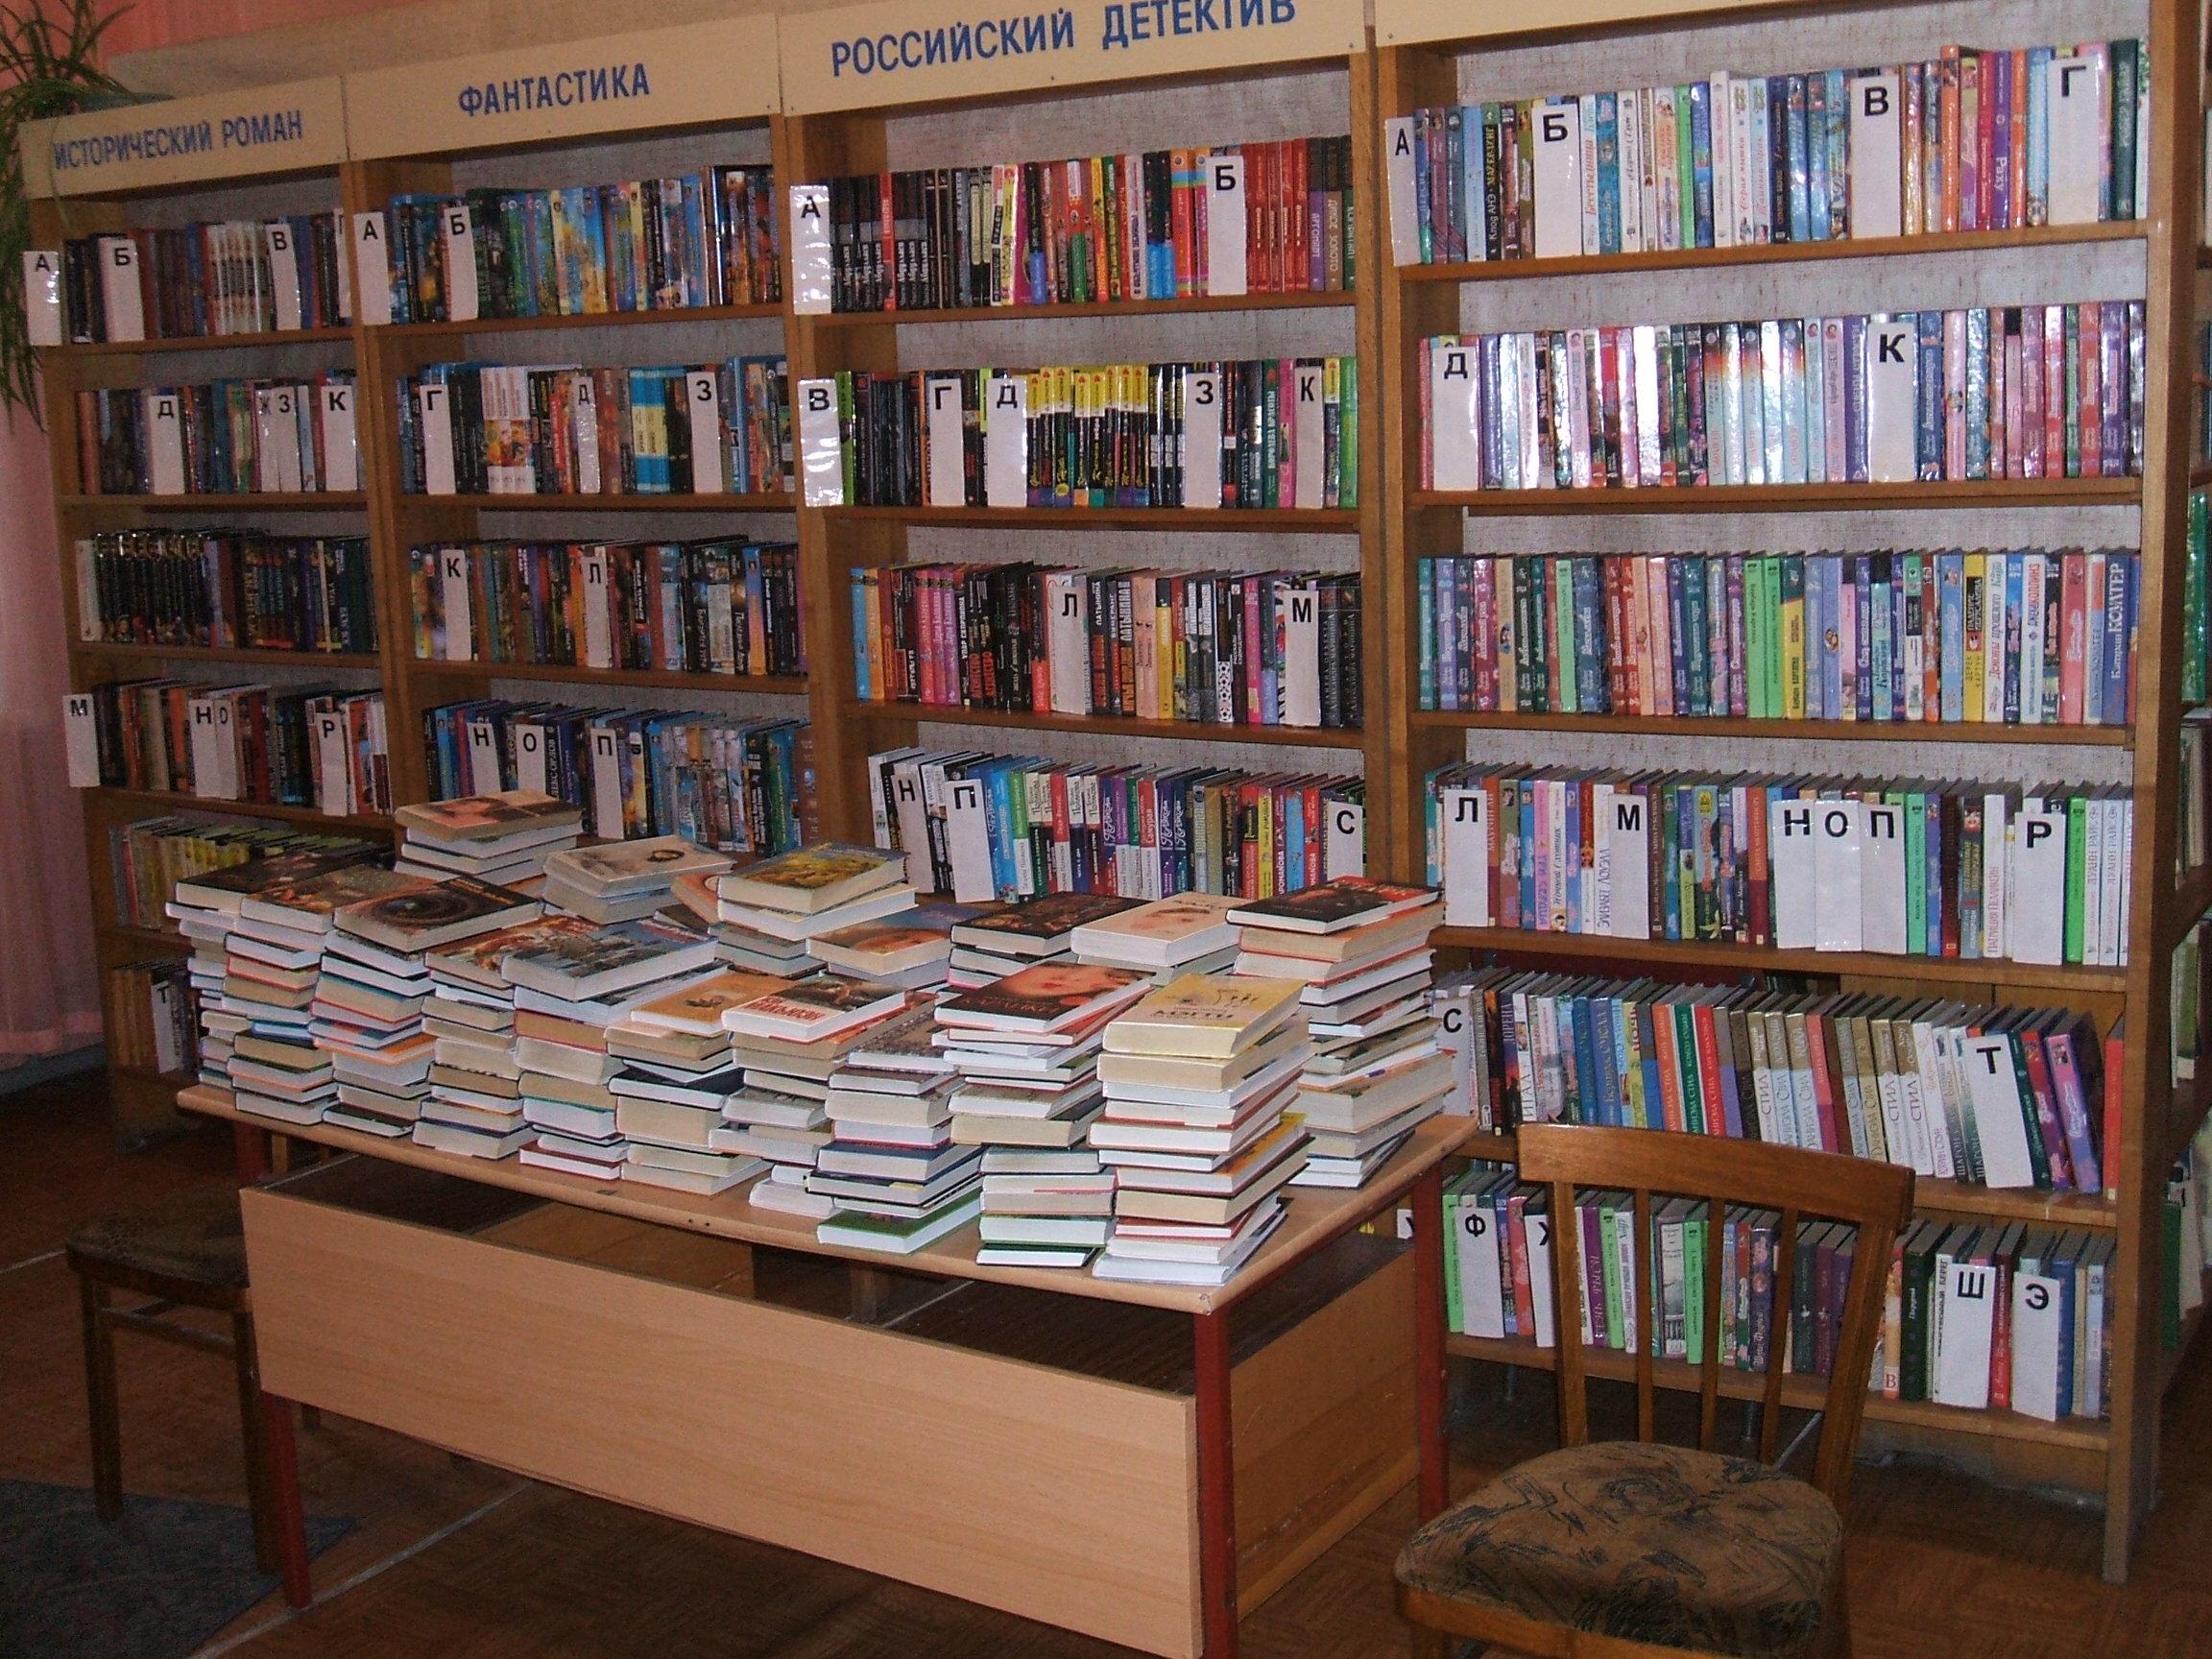 Наблюдение за поведением одноклассников в библиотеке книжном магазине